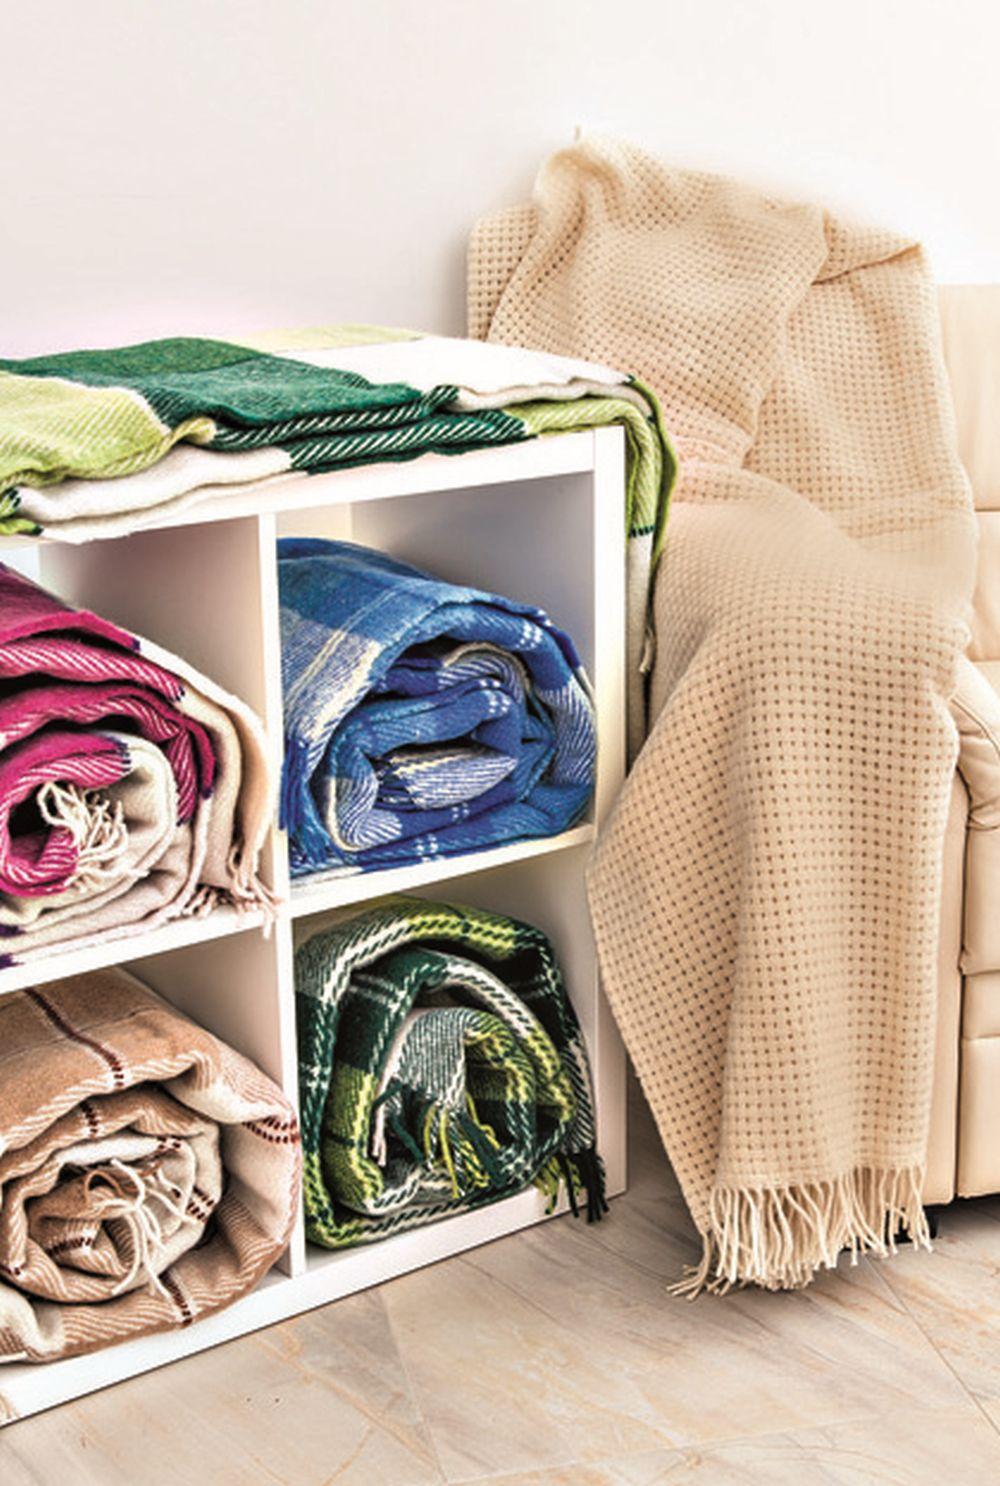 Pături cu compoziție din lână, călduroase pe timpul ierii, fac parte și ele din gama TEX.